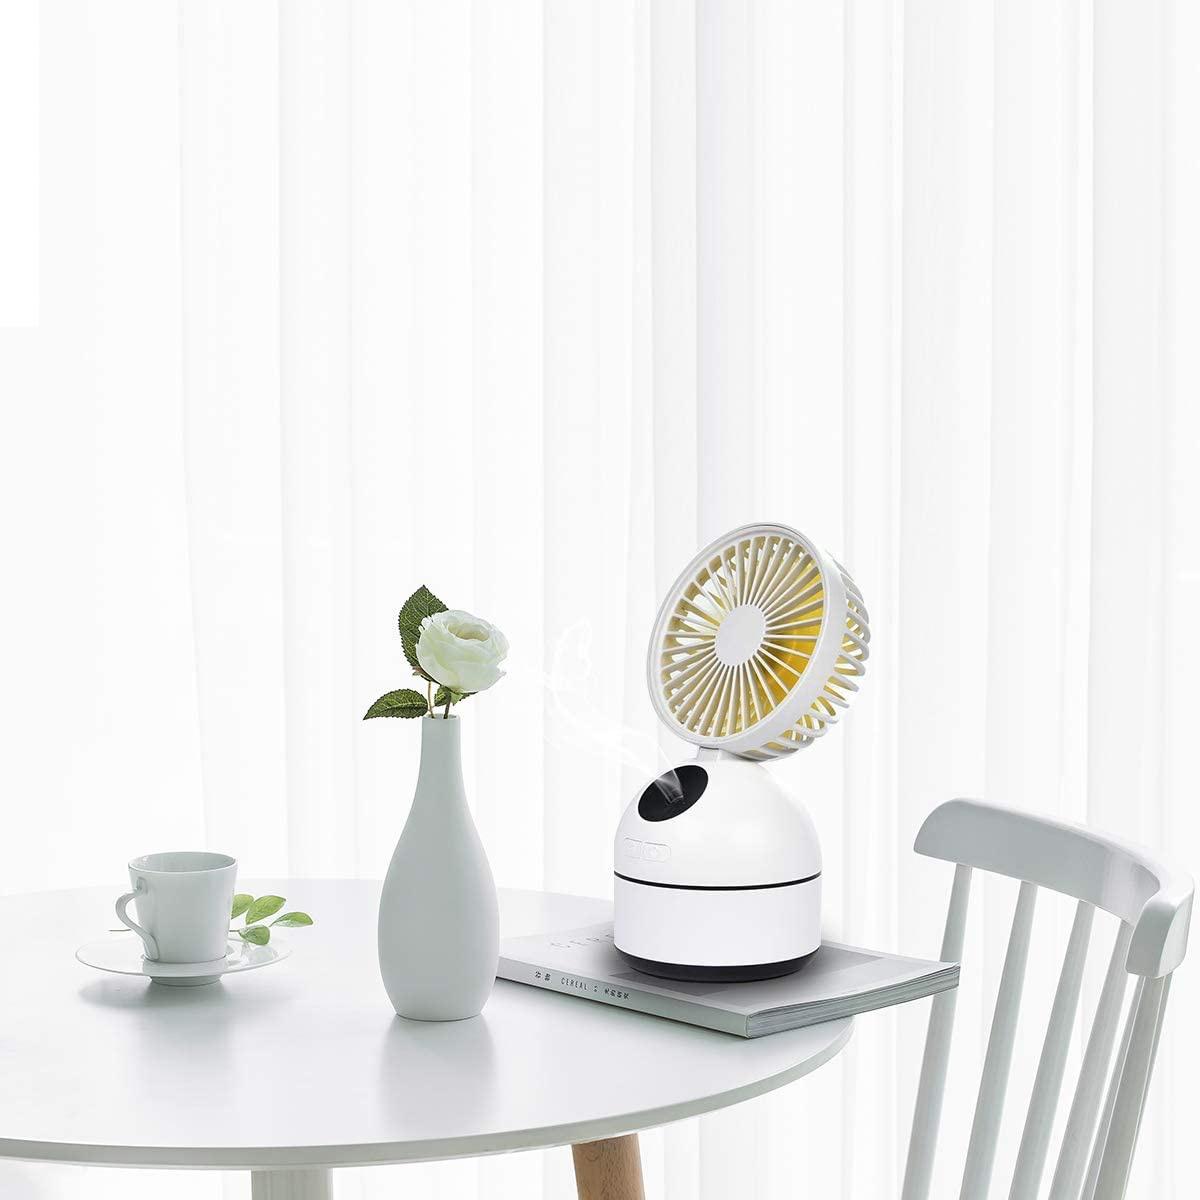 NI-SHEN(ニーシェン) 卓上扇風機 ミストファン加湿機能付きの商品画像7